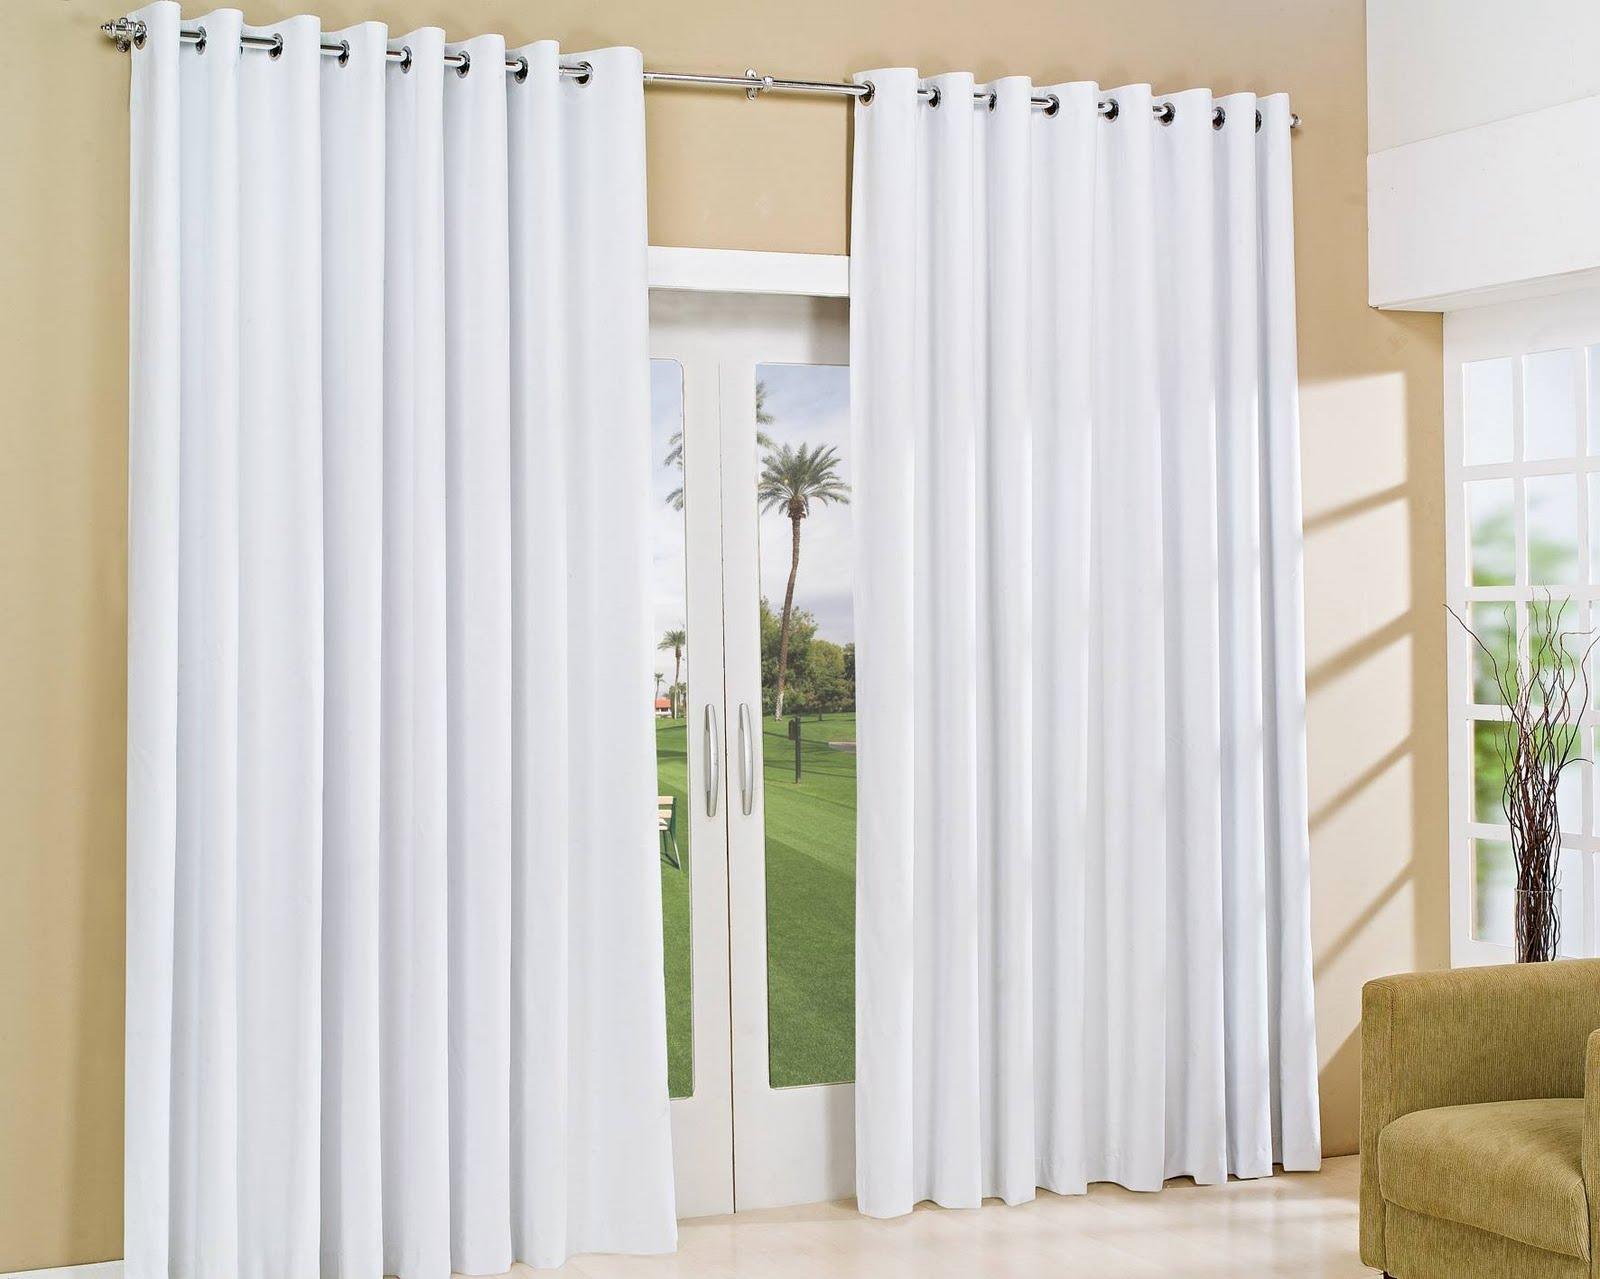 Lavar cortina em casa na maquina de lavar dicas da lucy for Ideas de cortinas